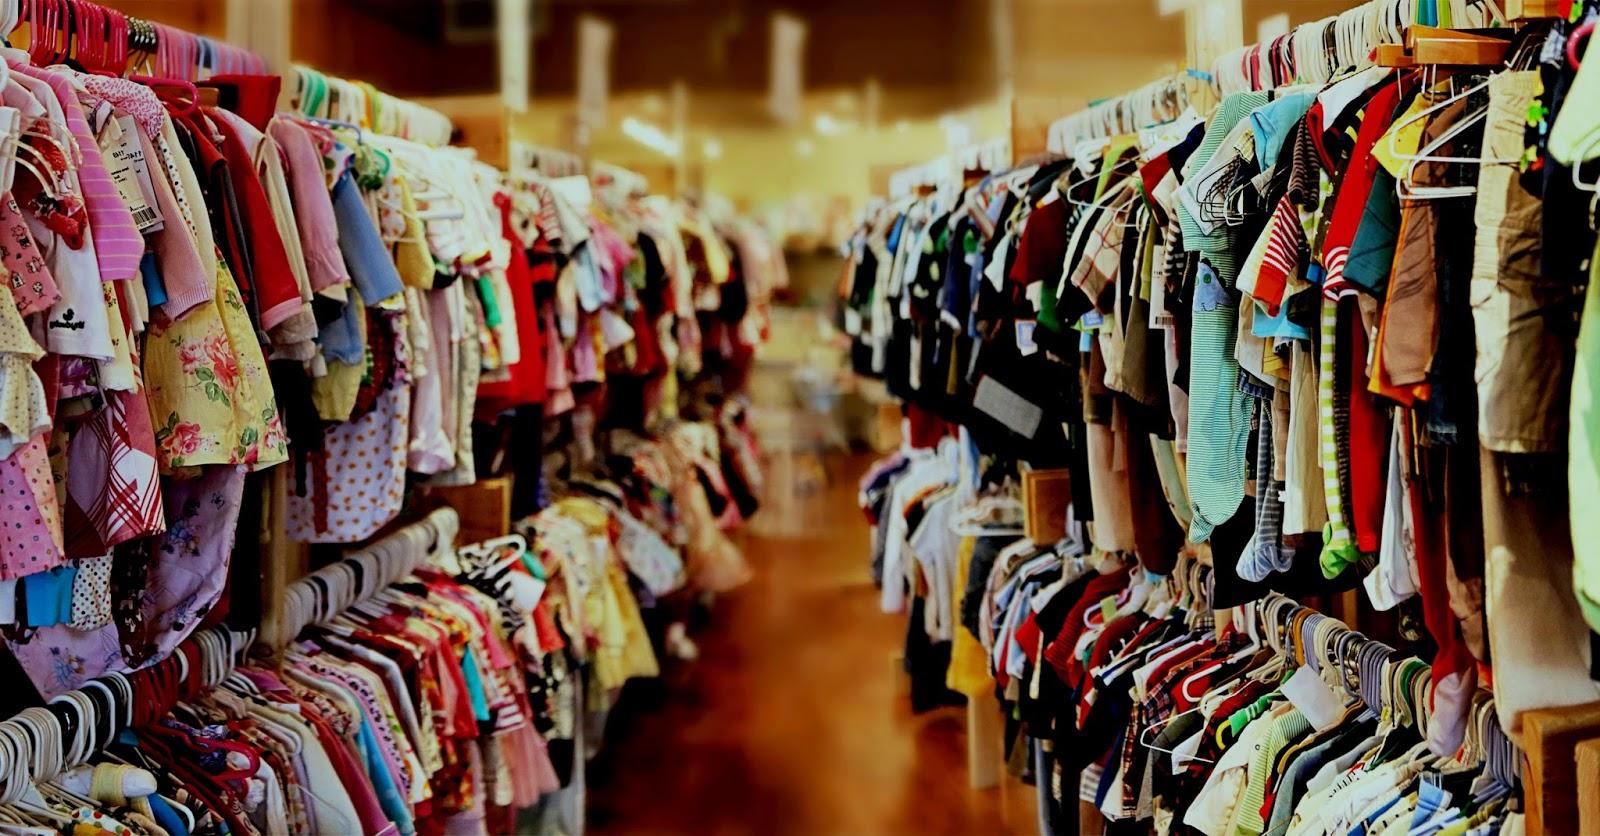 Kinh doanh quần áo trẻ em có lãi không